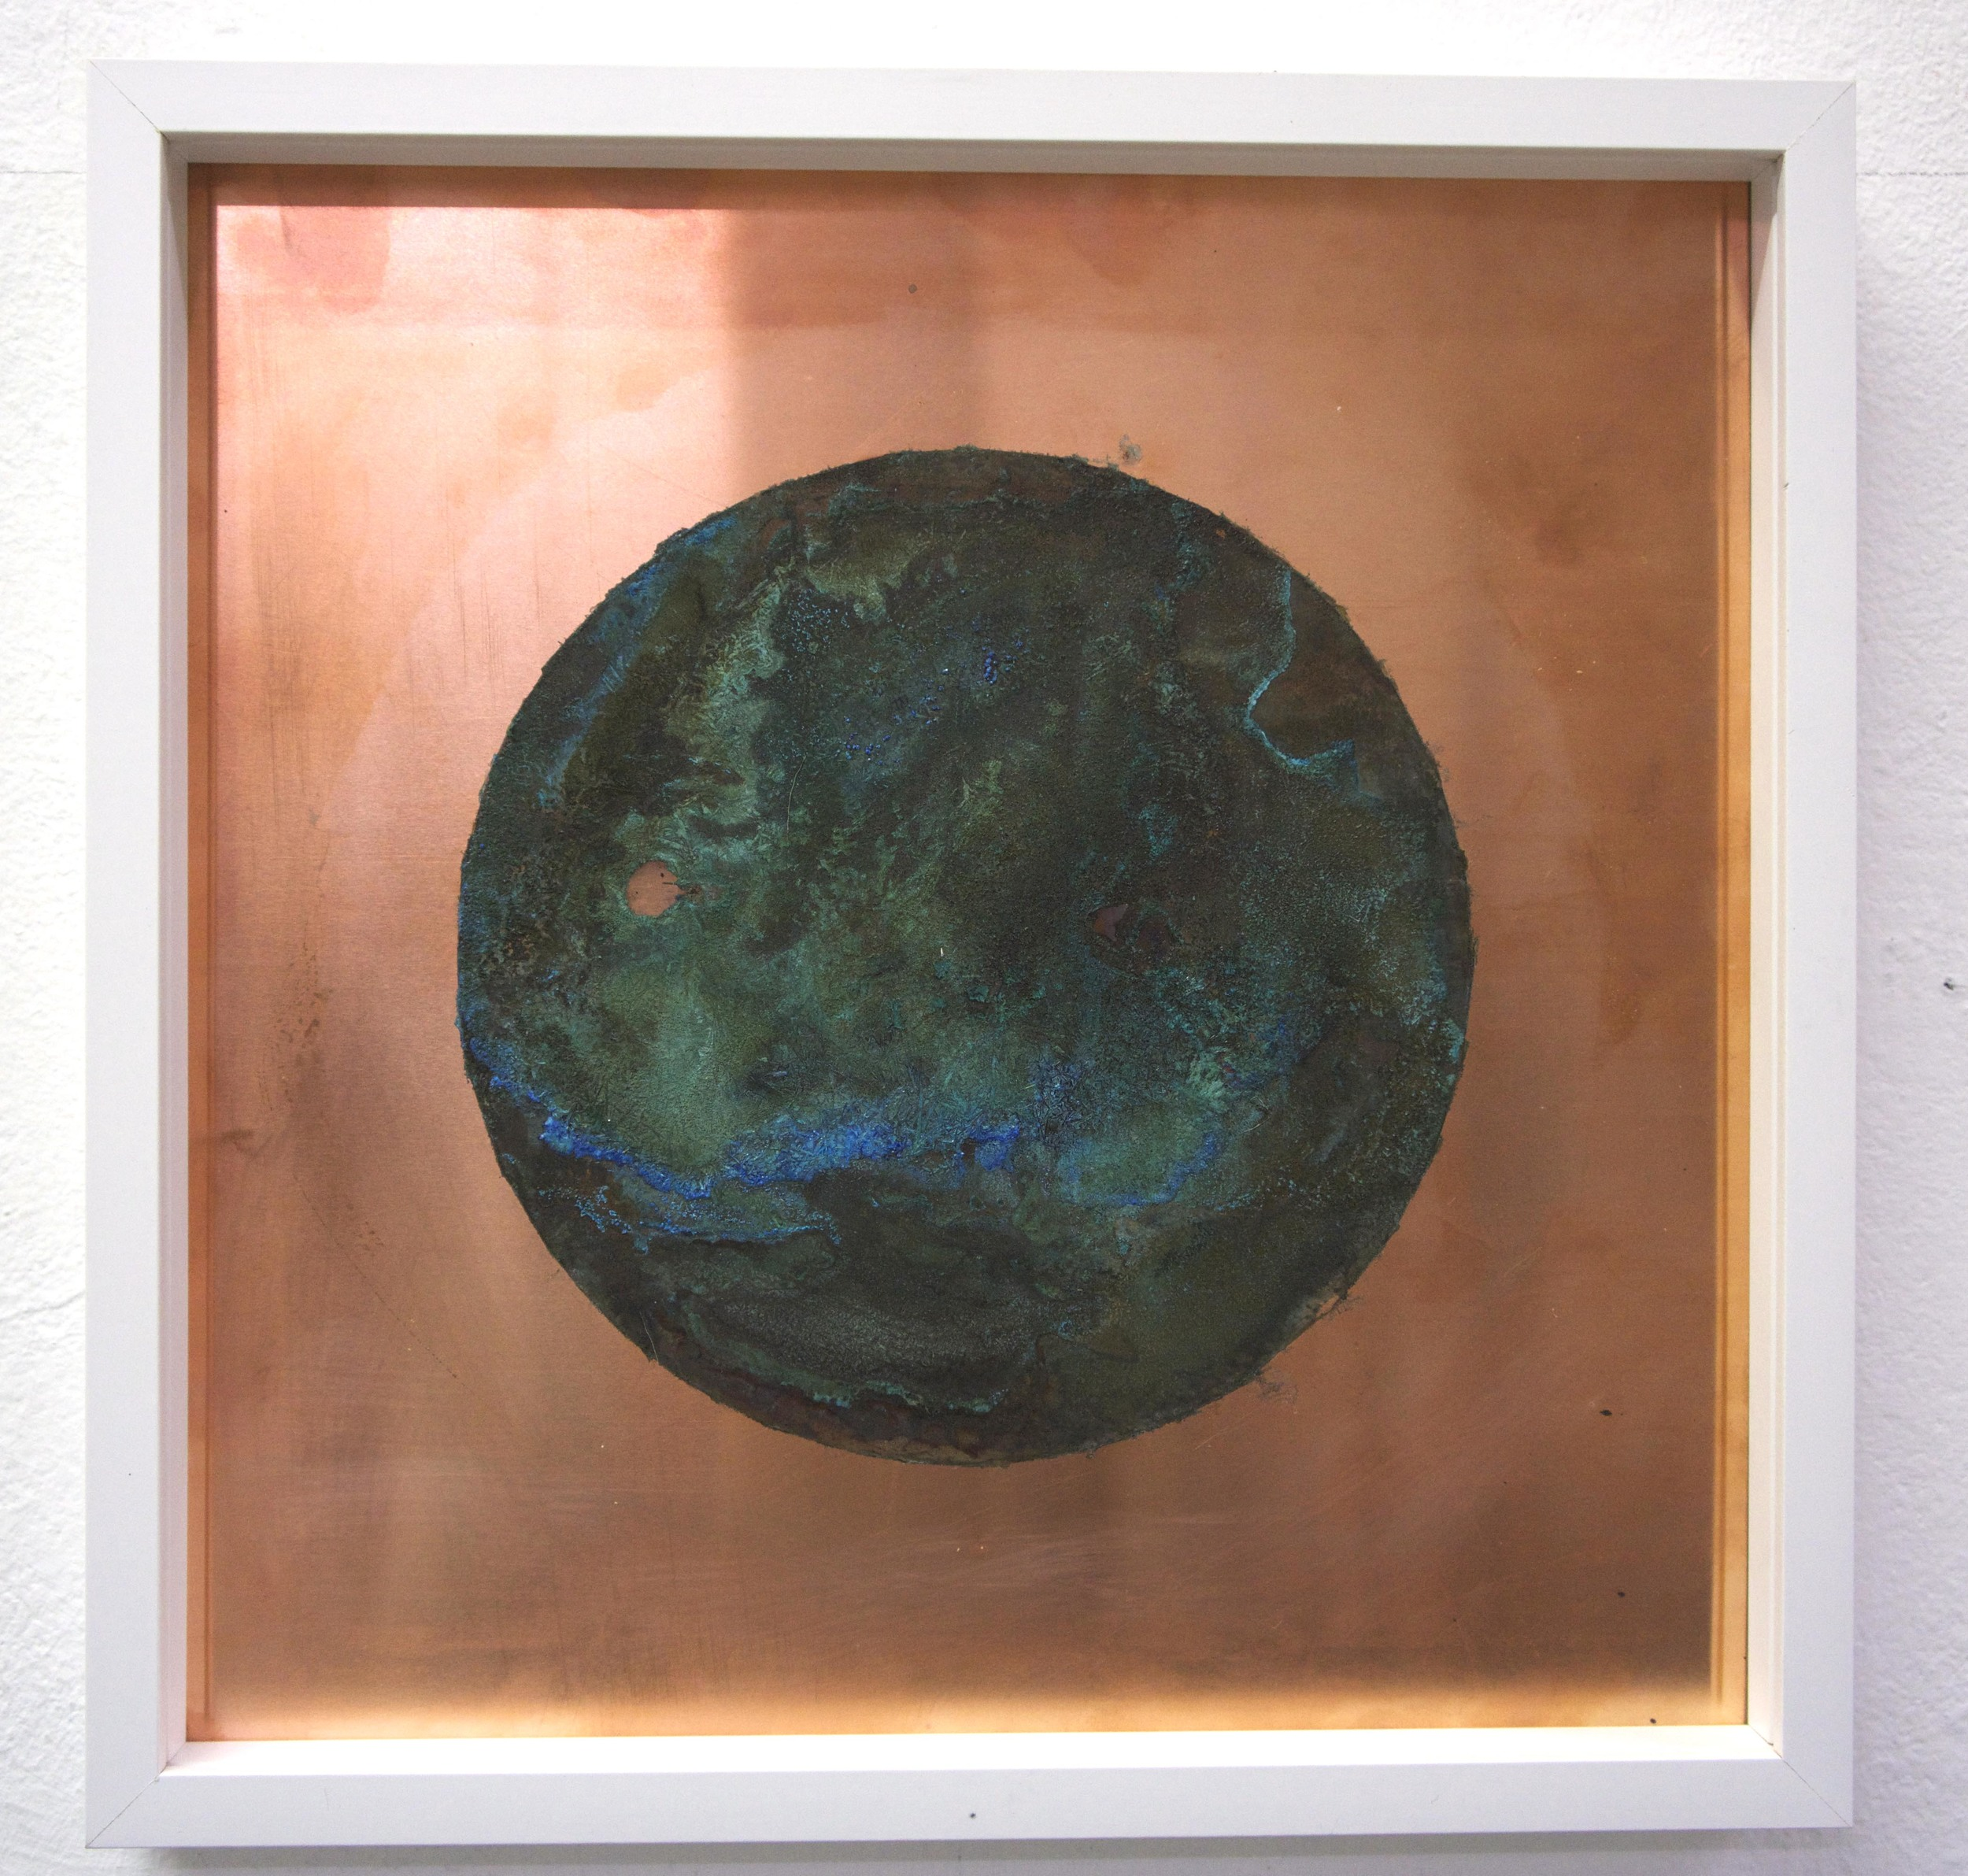 Copper and Ammonium chloride, 30 x 30 cm